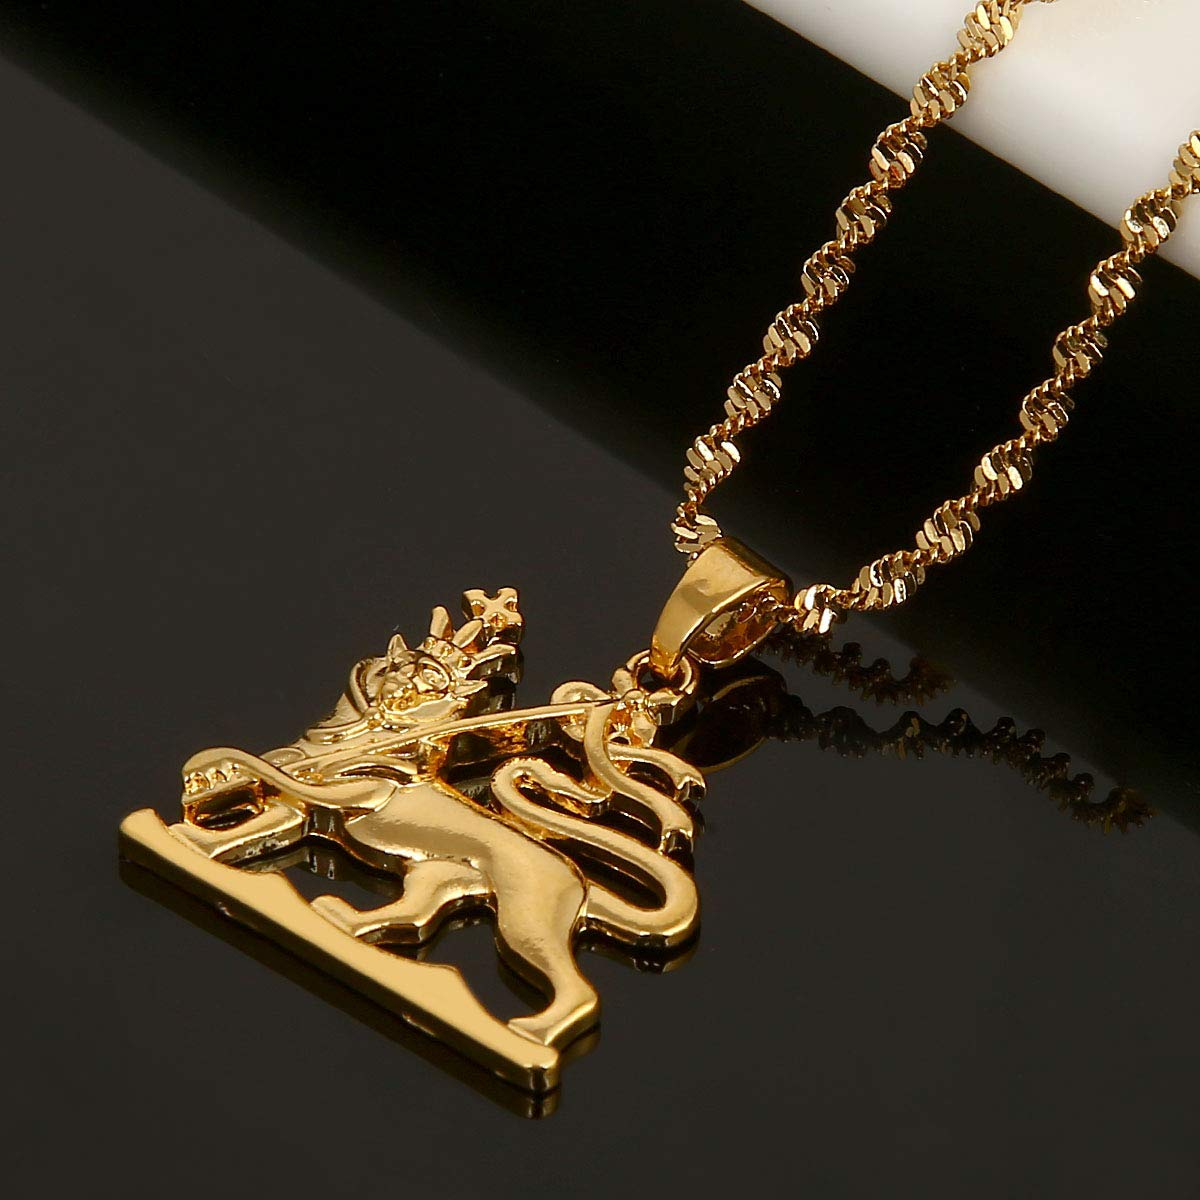 BR Gold Jewelry Pendentif dor/é Carte de lAfrique /Éthiopie Roi Lion Bijoux pour Homme Femme Cadeau de Mariage f/ête